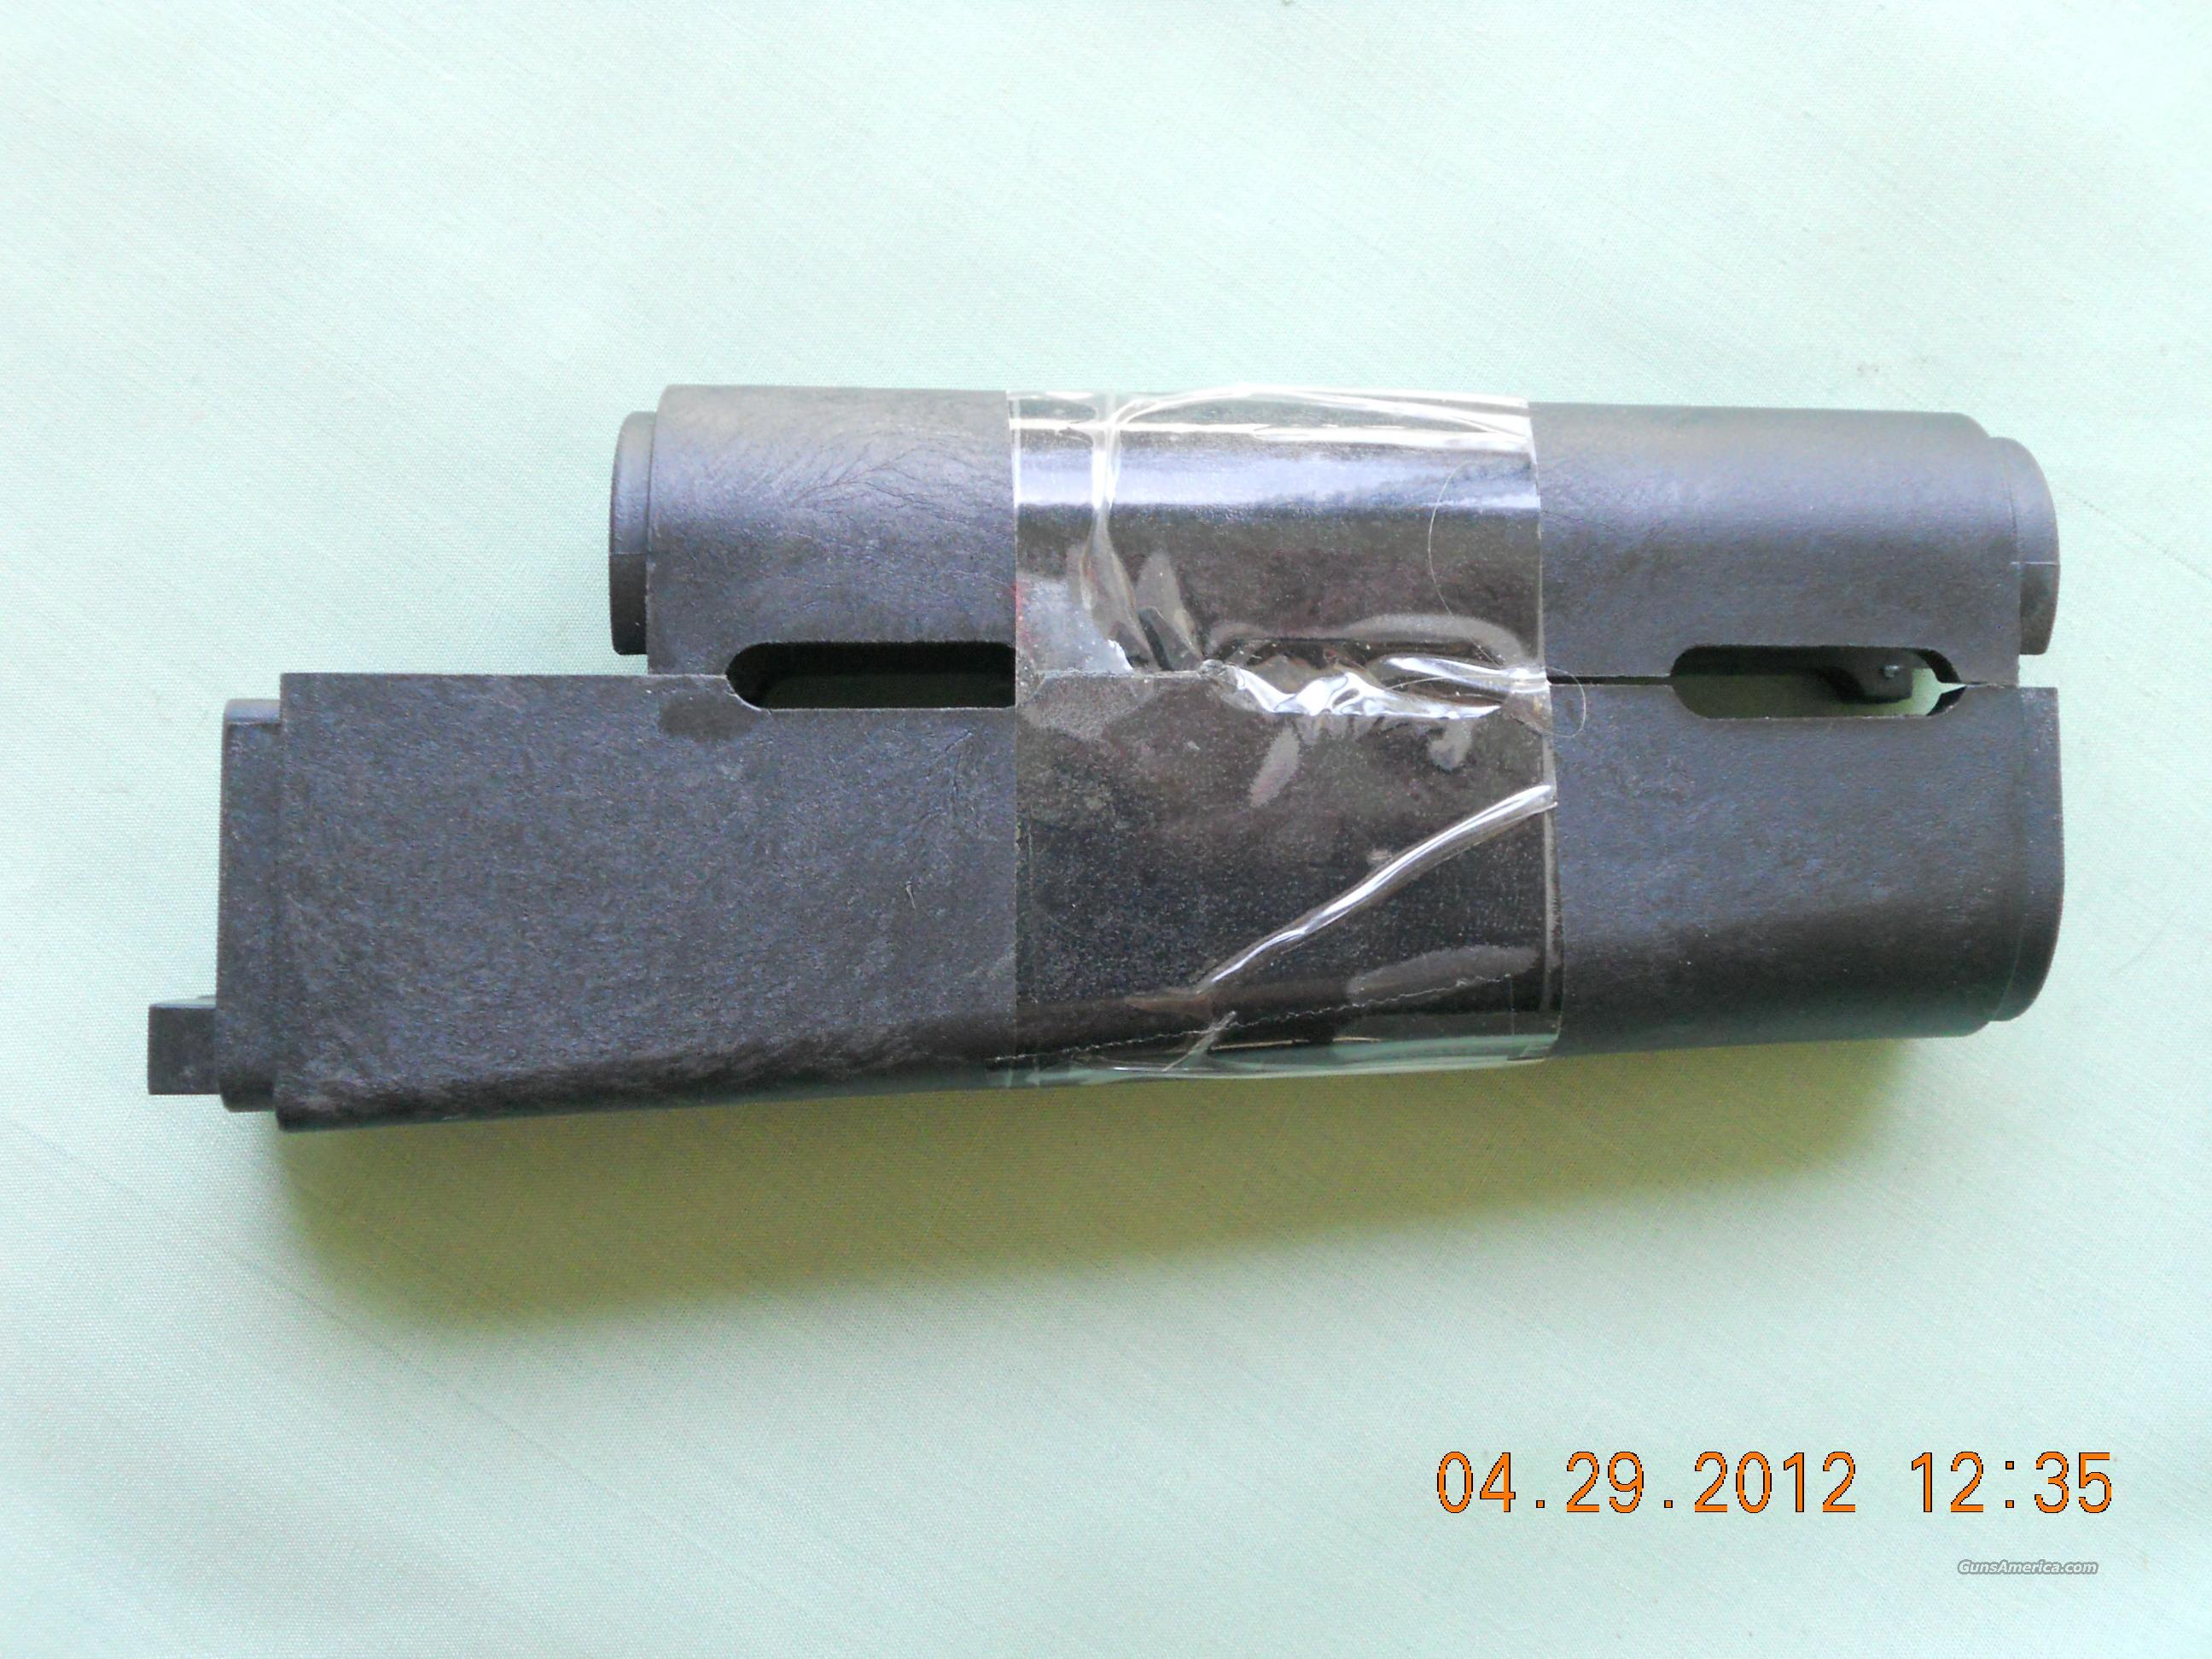 AK- M70 AB1,2  LONG STYLE HAND GUARD SET  Non-Guns > Gun Parts > Military - Foreign